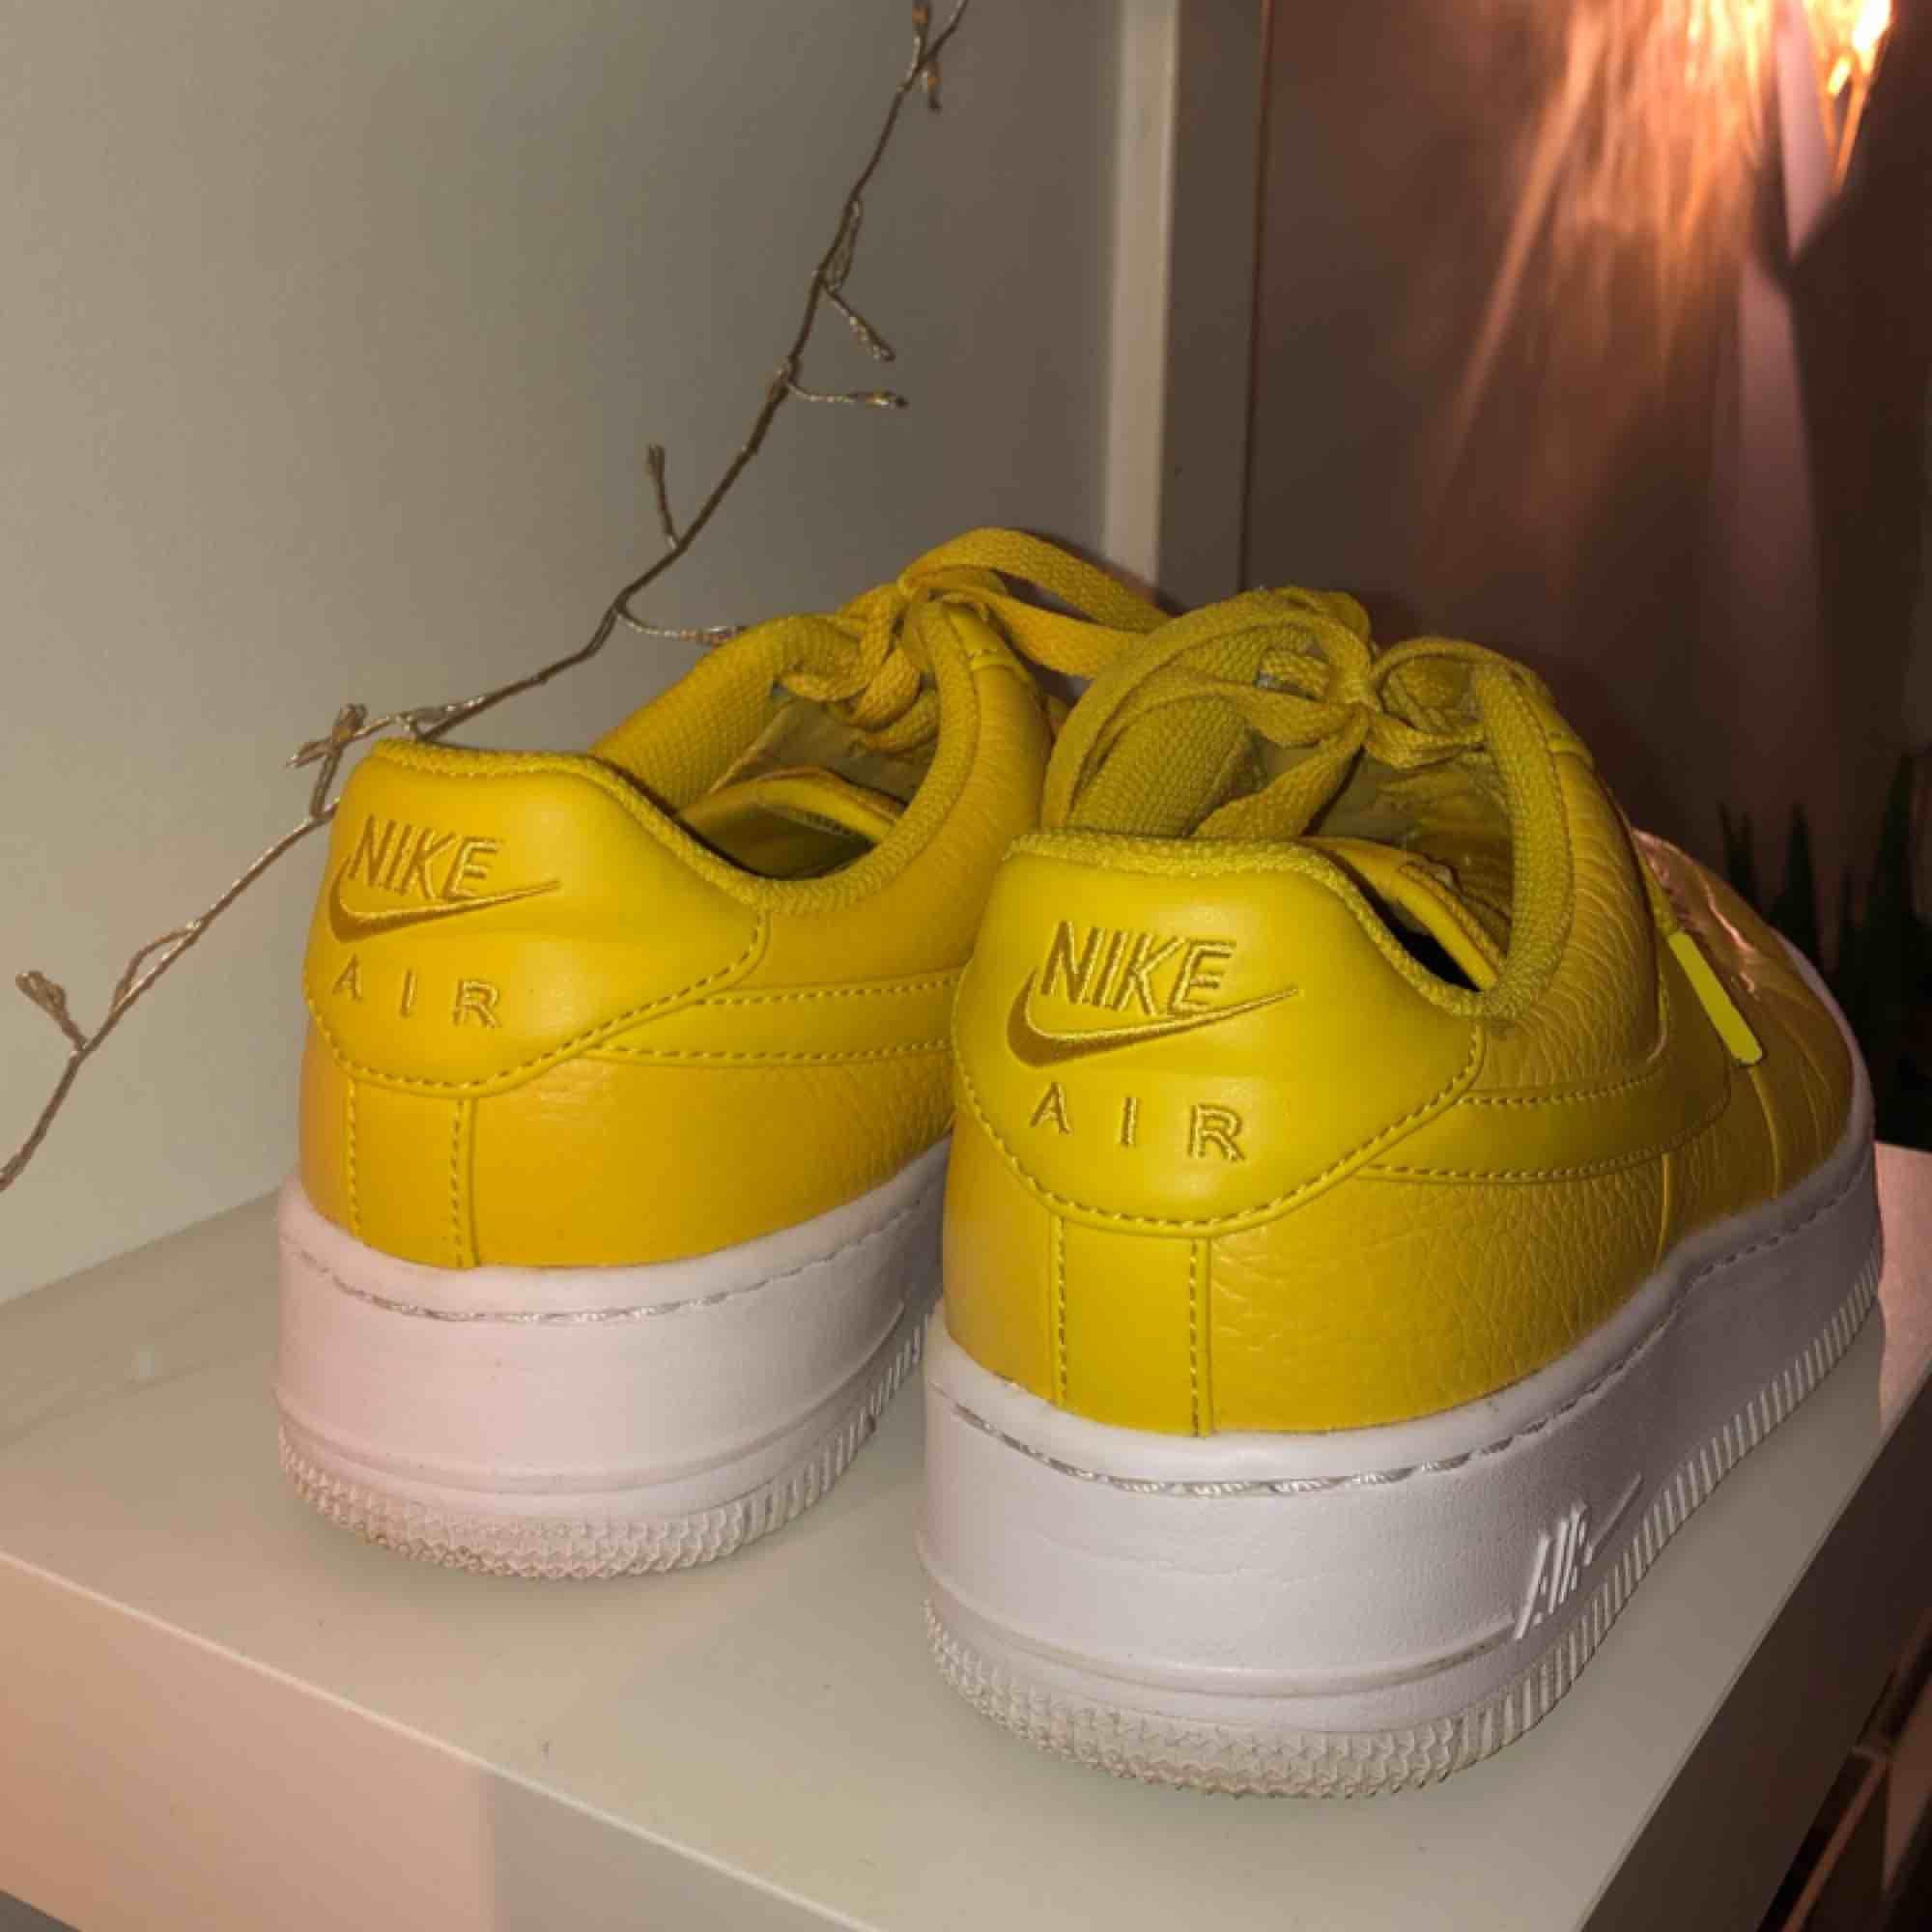 08b0ef91be4 Mina ääälskade, älskade gula Nike air force 1 som jag tyvärr inte får  användning av ...